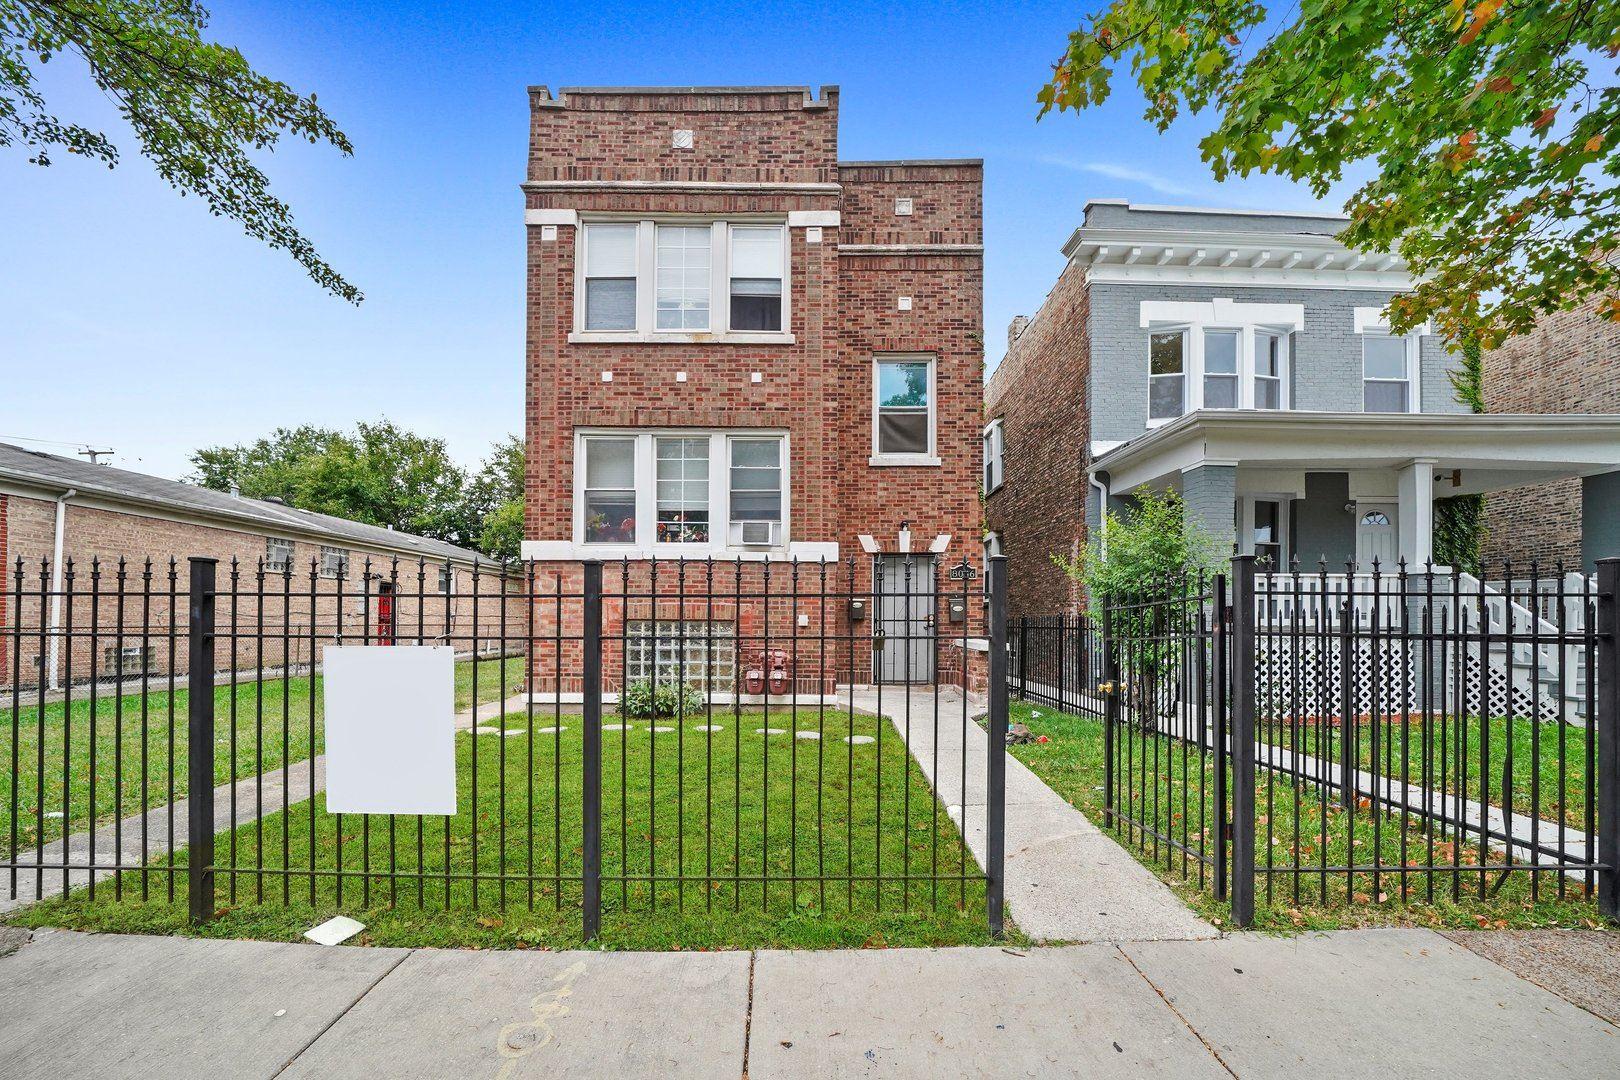 8036 S emerald Avenue, Chicago, IL 60620 - #: 11212756